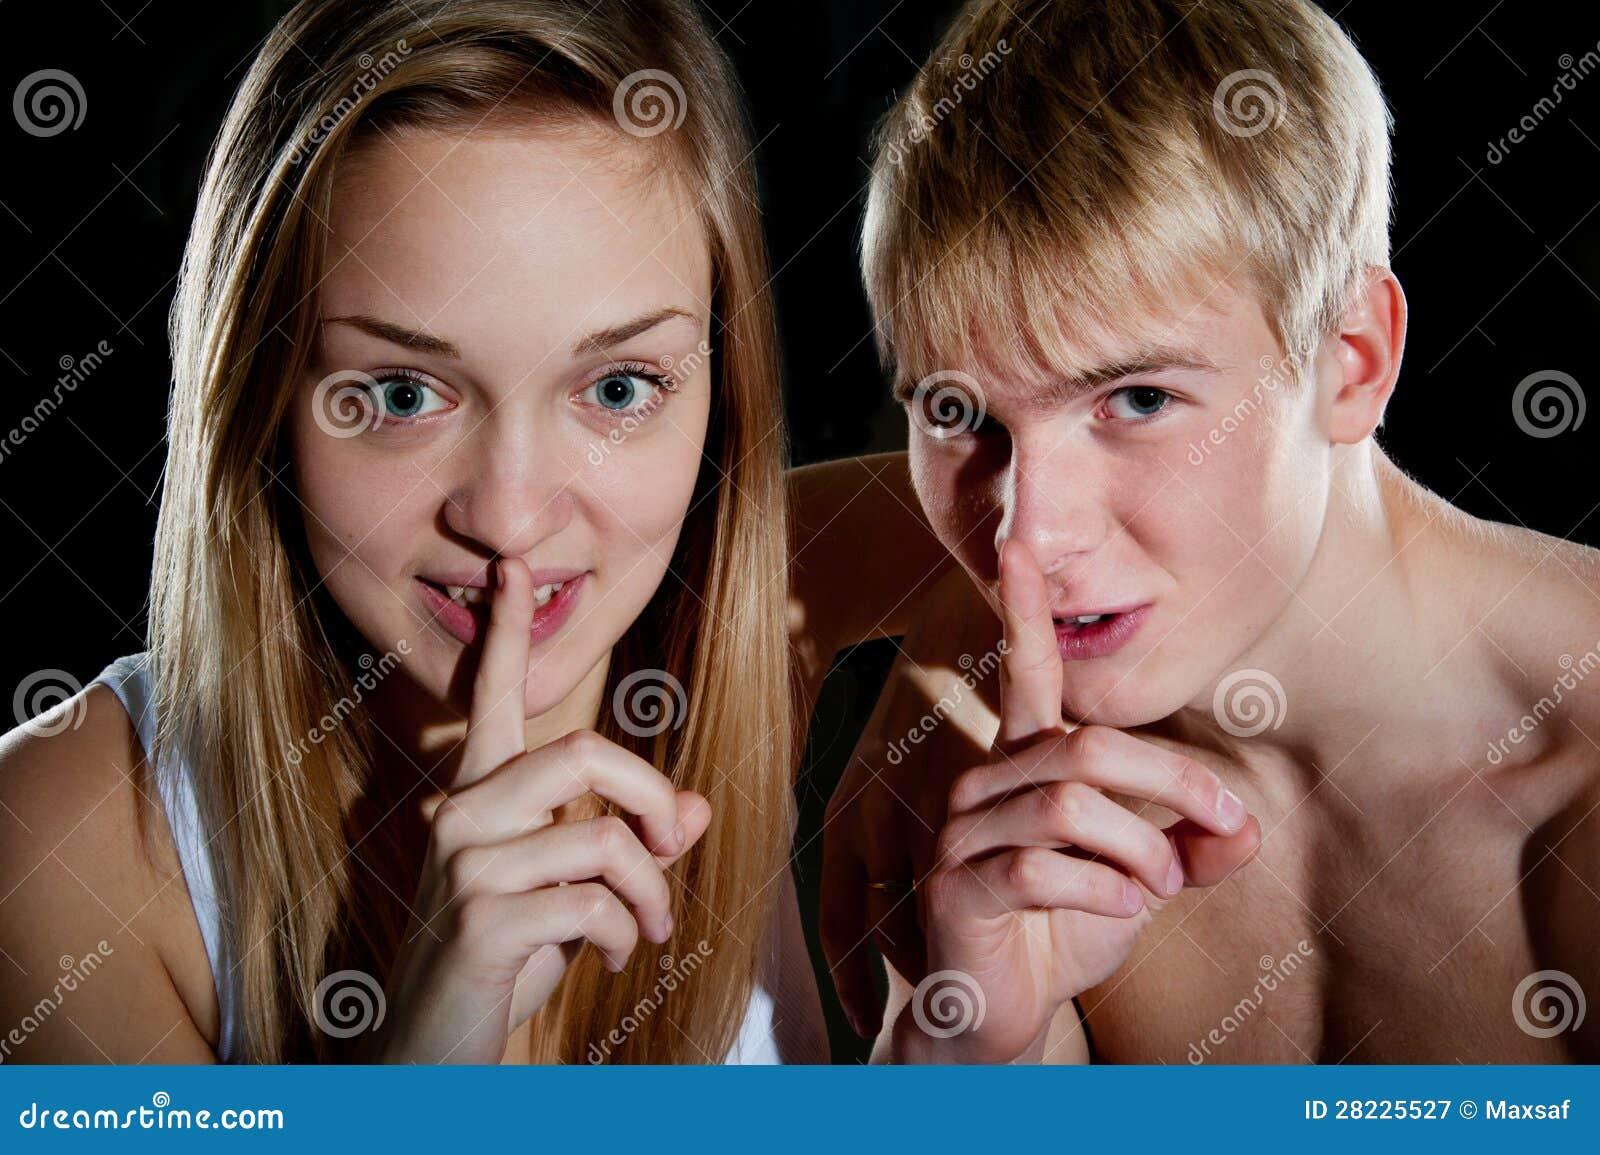 Girl fingering boy